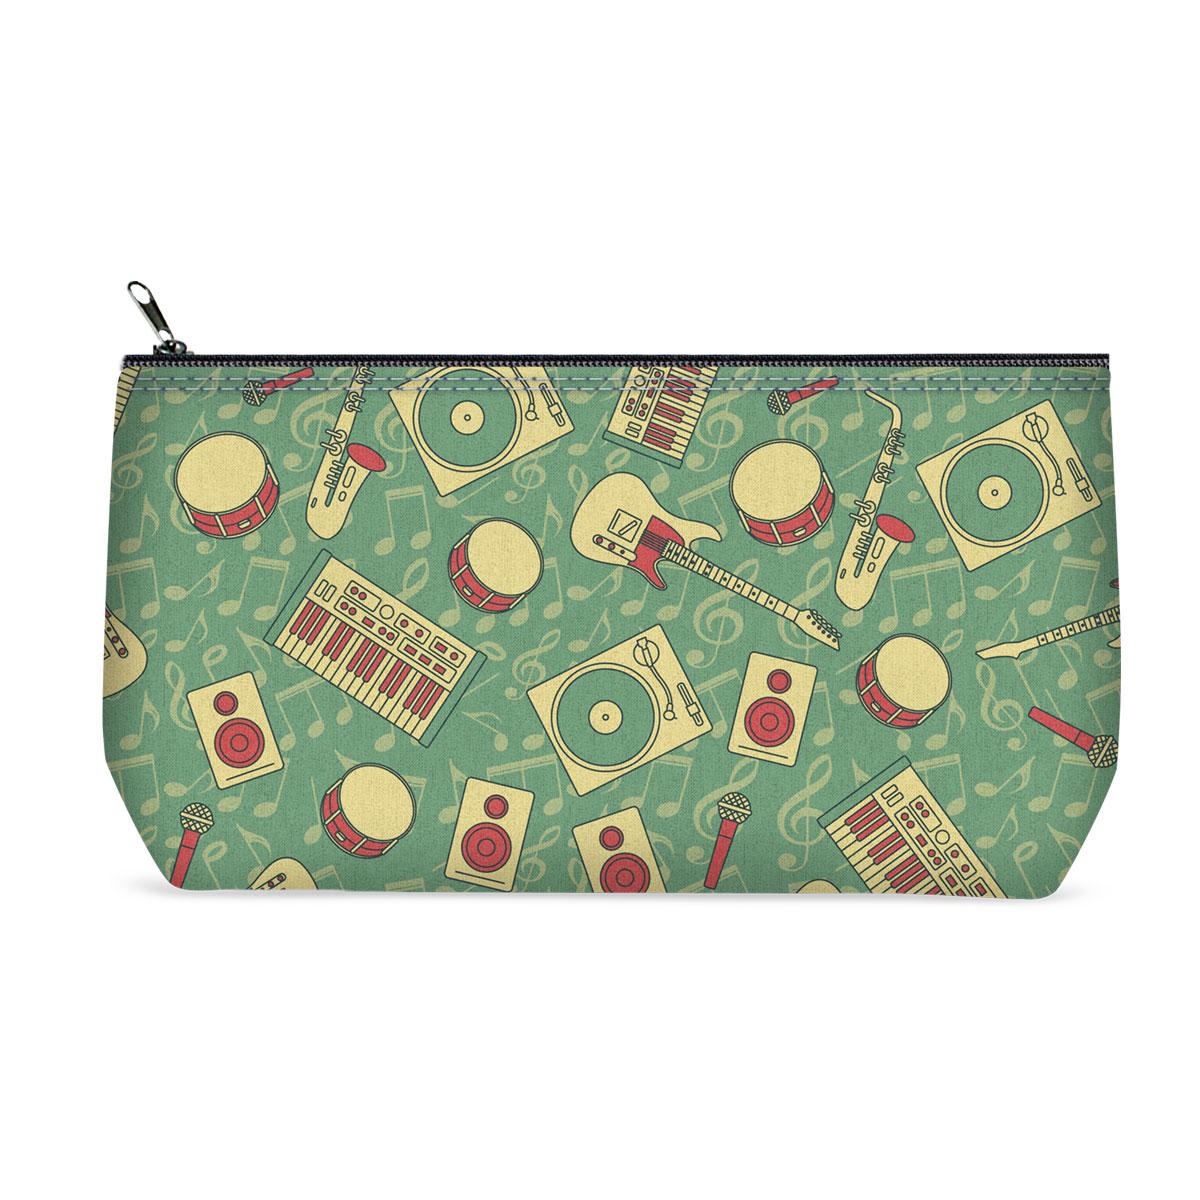 Косметичка ОРЗ-дизайн Музыкант, цвет: мятный, бежевый. Орз-0363Орз-0363Косметичка Музыкант - оригинальный и стильный аксессуар, который придется по душе истинным модникам и поклонникам интересного и необычного дизайна. Качественная сумочка выполнена из прочного текстиля, который надежно защитит ваши вещи от пыли и влаги, и оформлена оригинальным принтом с музыкальными инструментами. Рисунок нанесён специальным образом и защищён от стирания. Изделие идеально подходит для хранения косметики, таблеток, украшений, ключей, зарядных устройств, мобильного телефона или документов. Простая, но в то же время стильная косметичка определенно выделит своего обладателя из толпы и непременно поднимет настроение. А яркий современный дизайн, который является основной фишкой данной модели, будет радовать глаз.